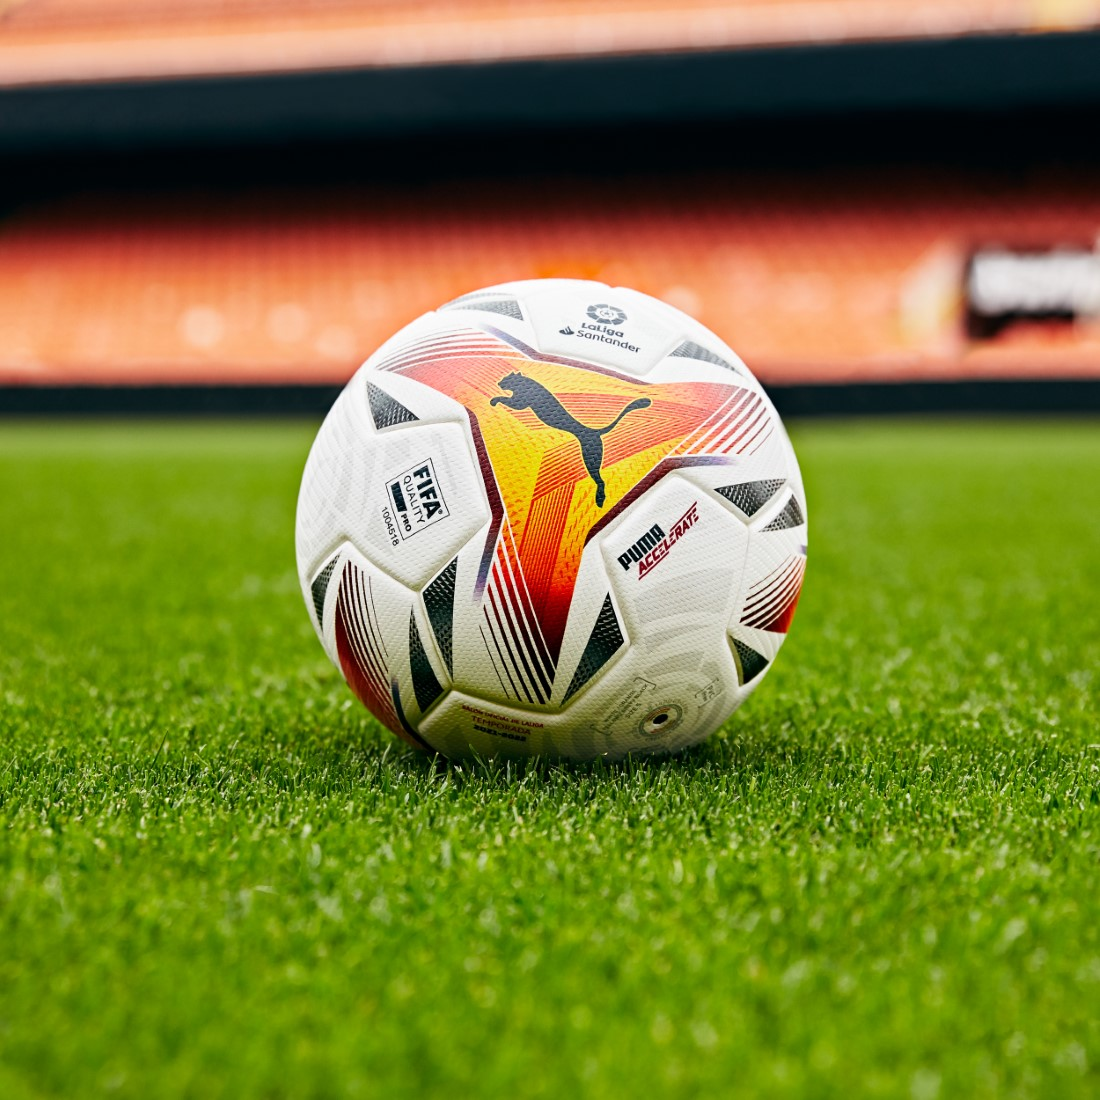 PUMA Football x La Liga - Ballon ACCELERATE Saison 2021-22